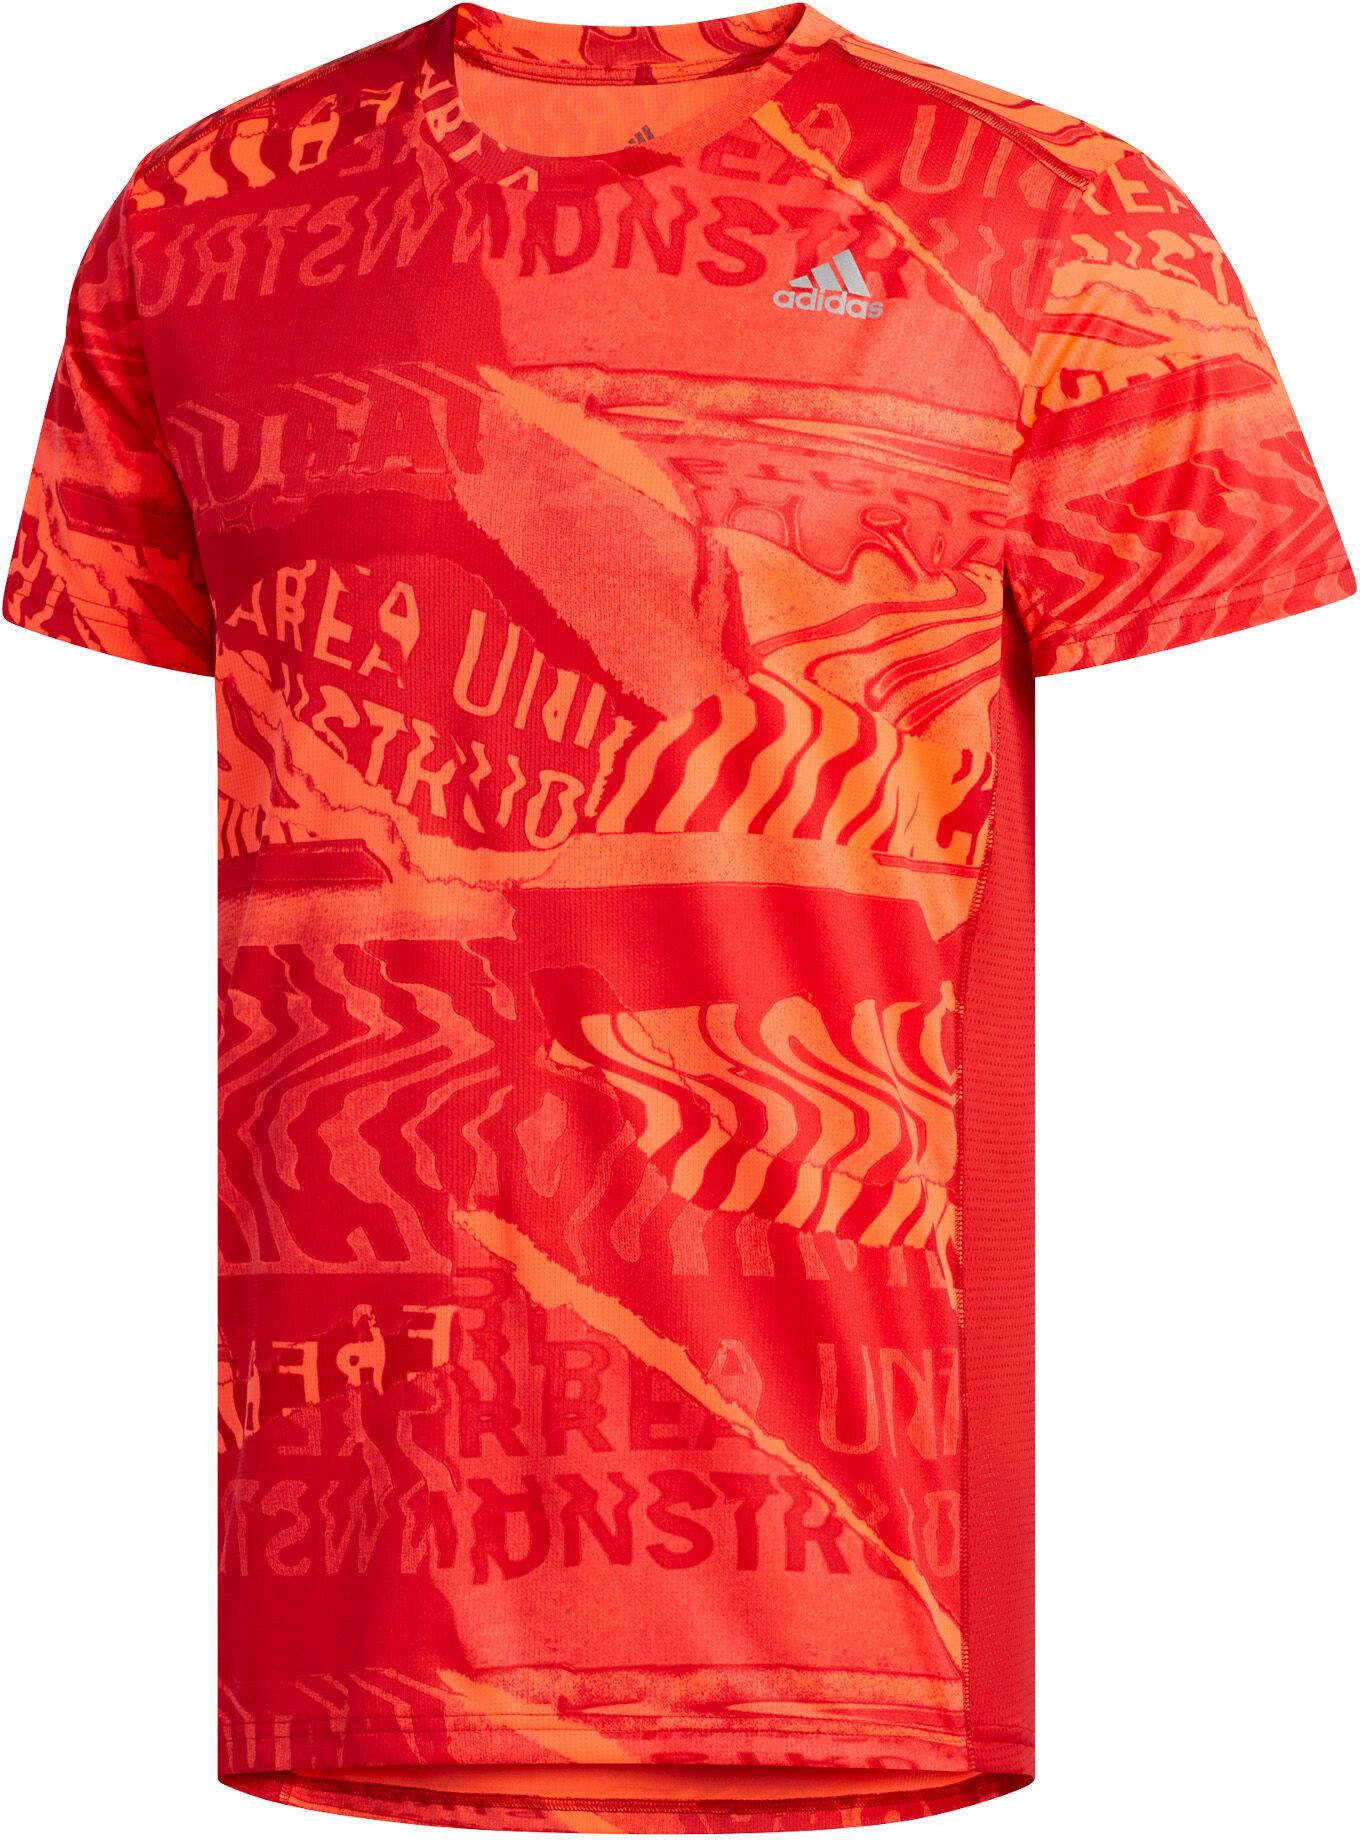 ADIDAS Herren T Shirt Graphic rot | S